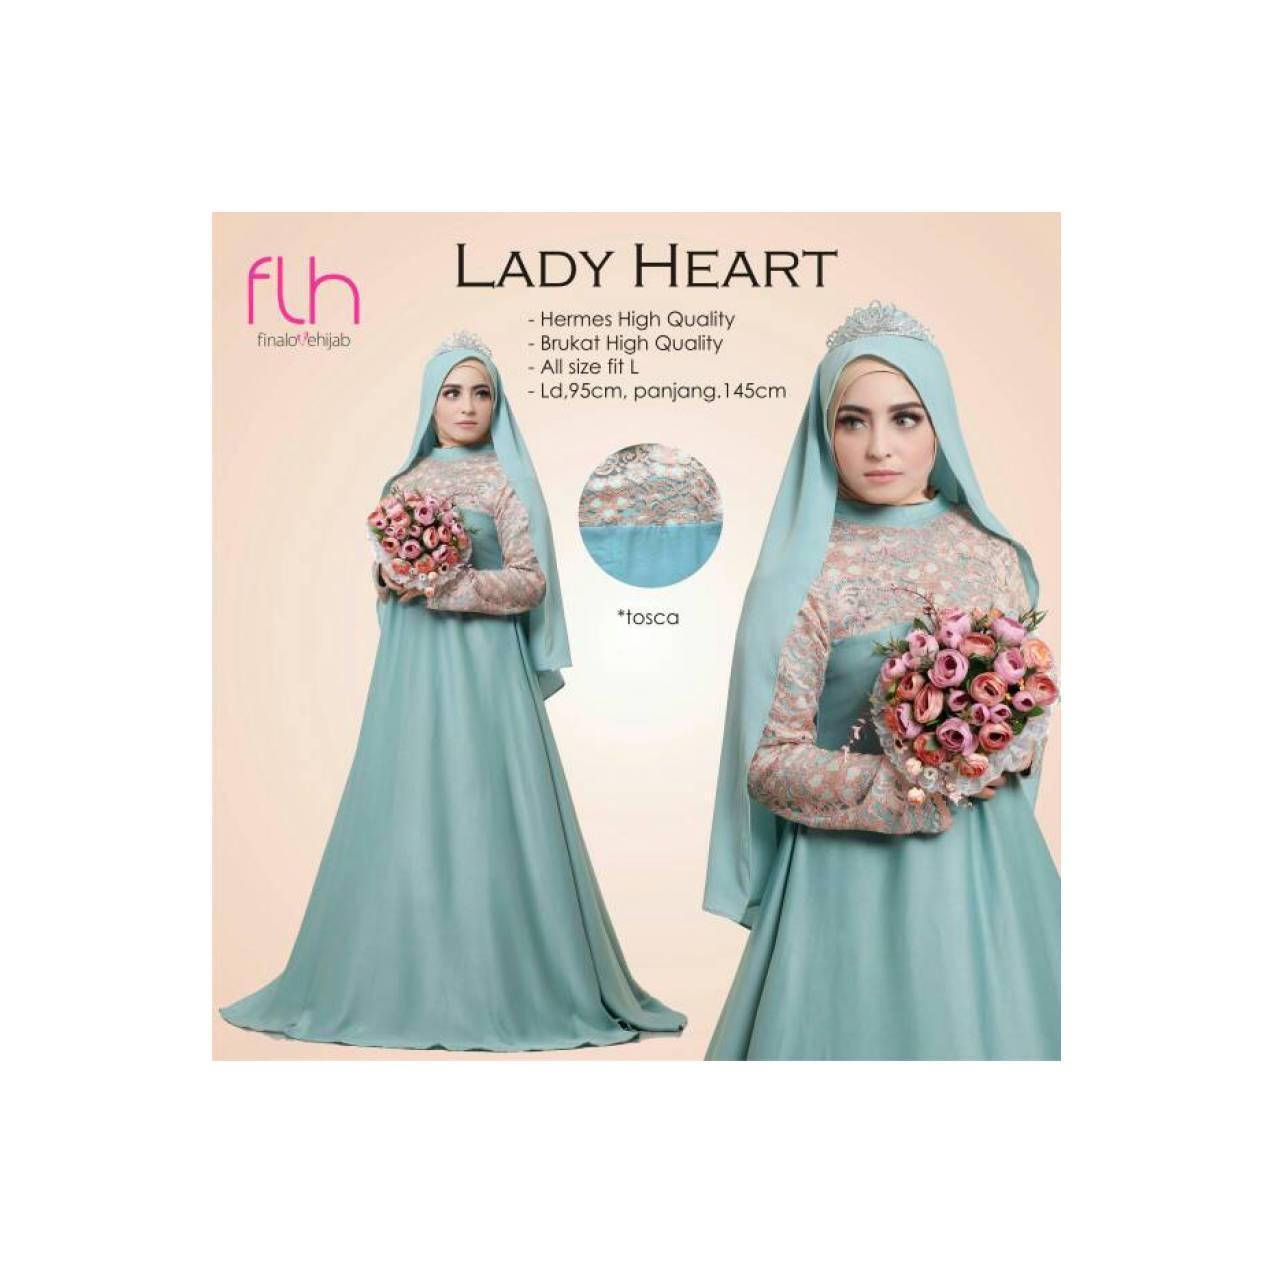 lady heart syari gamis gaun pesta pernikahan busana muslimah ori FLH